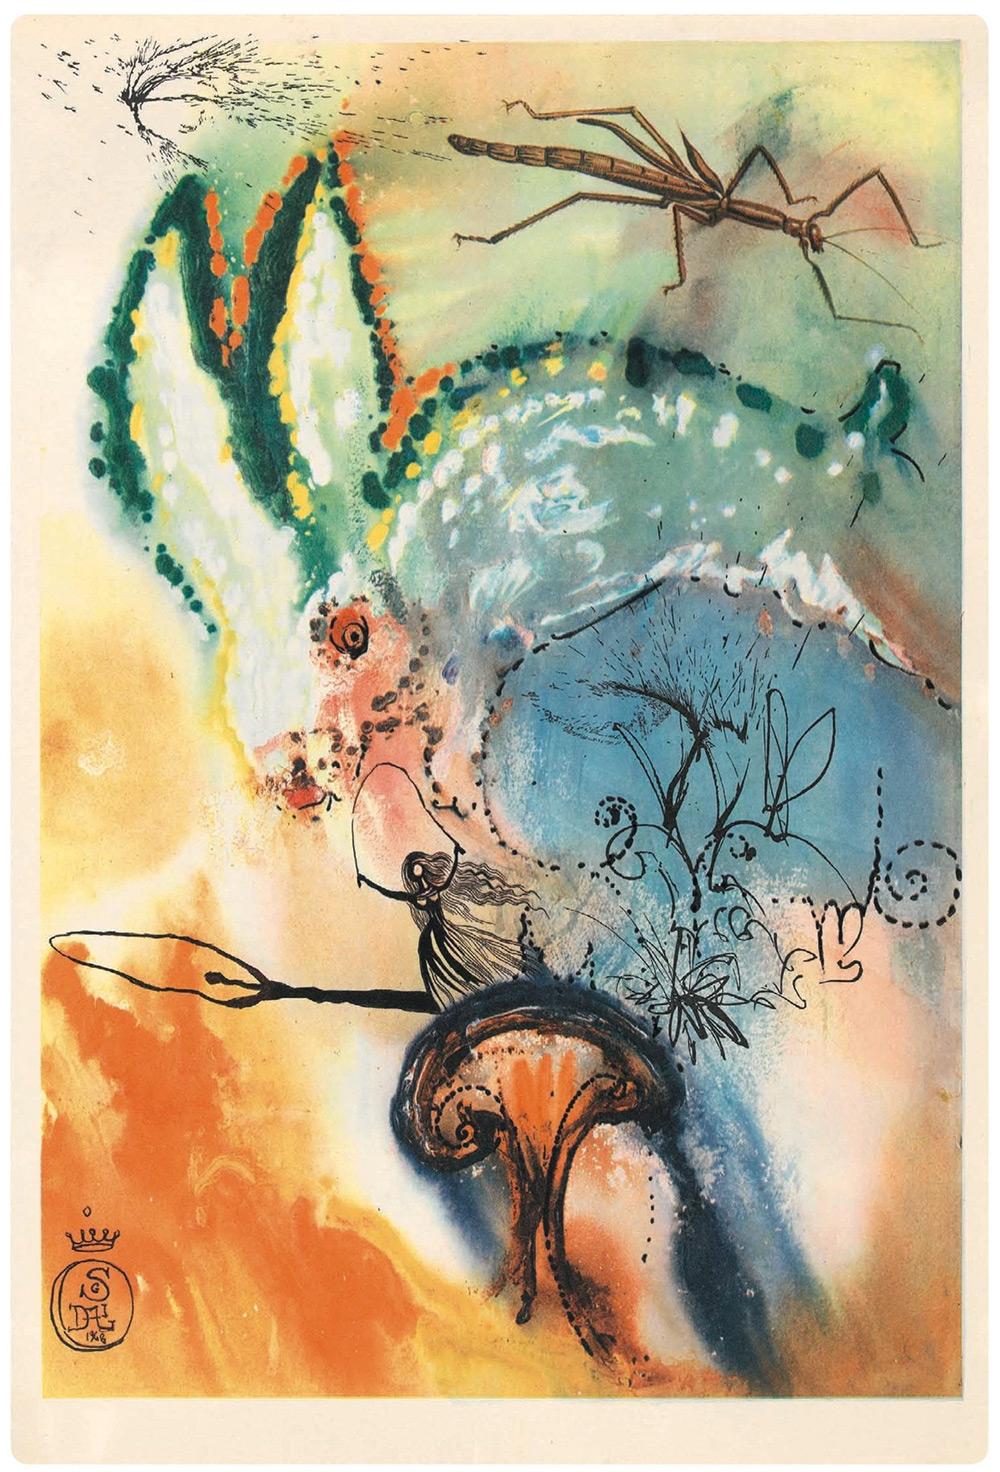 anniversario-150anni-alice-paese-meraviglie-illustrazioni-salvador-dali-01